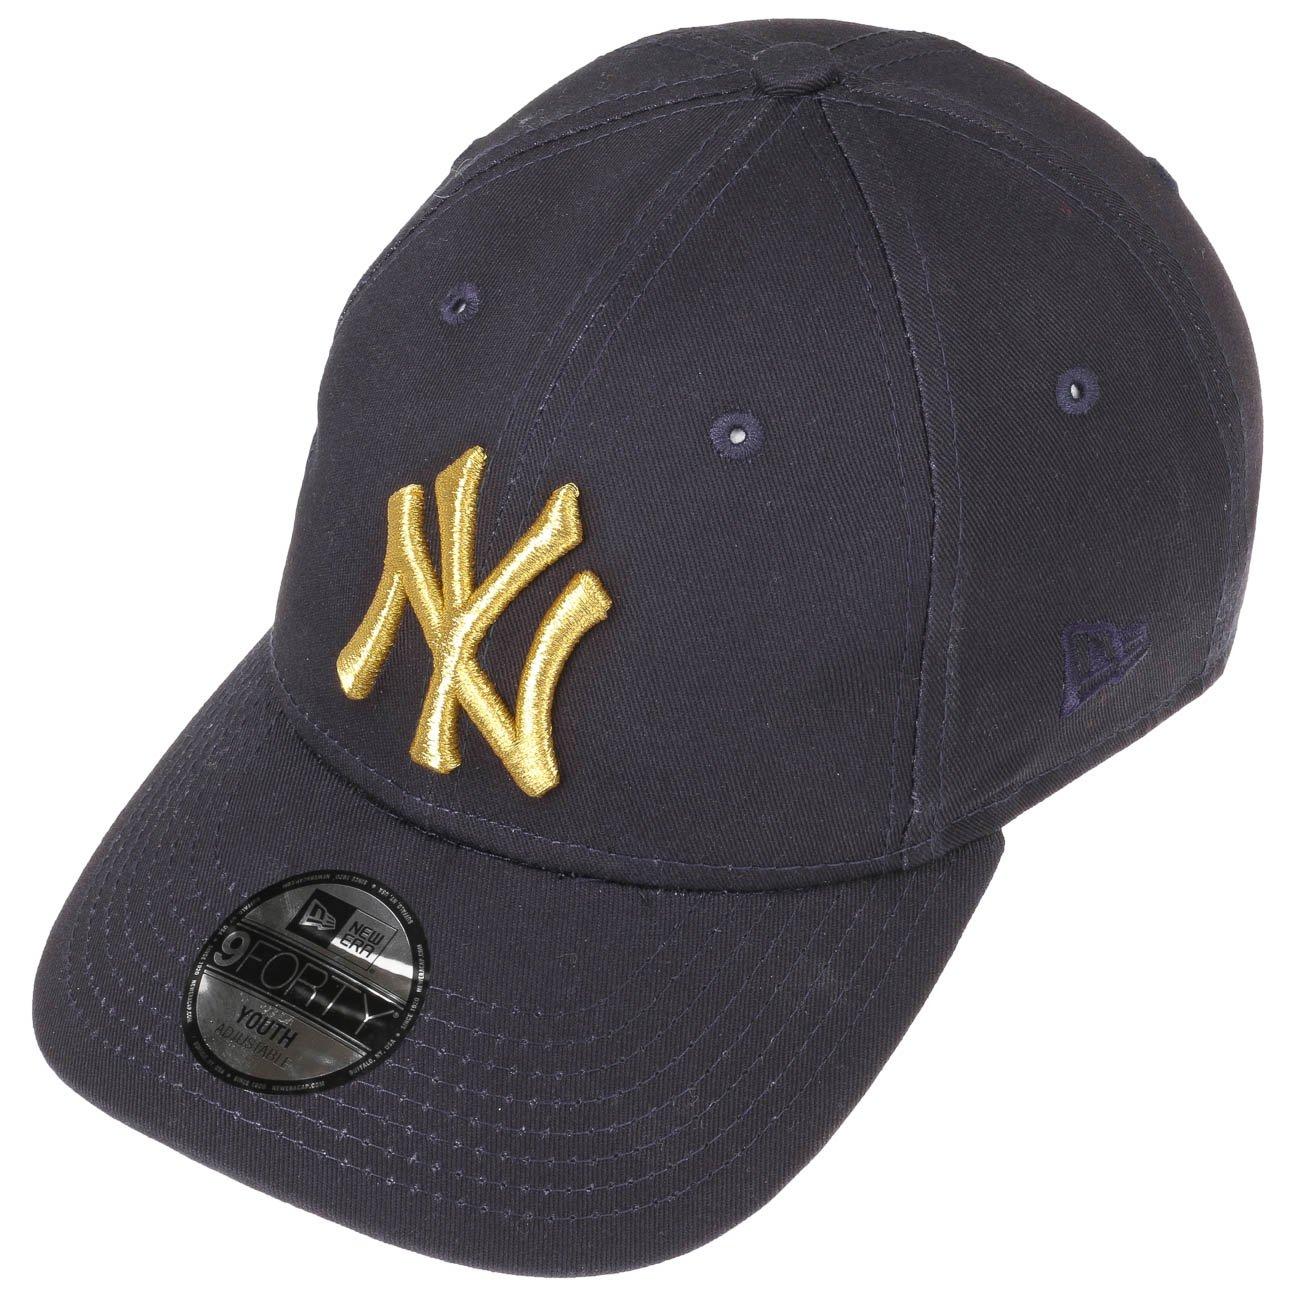 Cappellino 9Forty Junior Golden NY New Era cappellino baseball cap Child  (50-53 cm) - blu scuro  Amazon.it  Abbigliamento 606705392aff